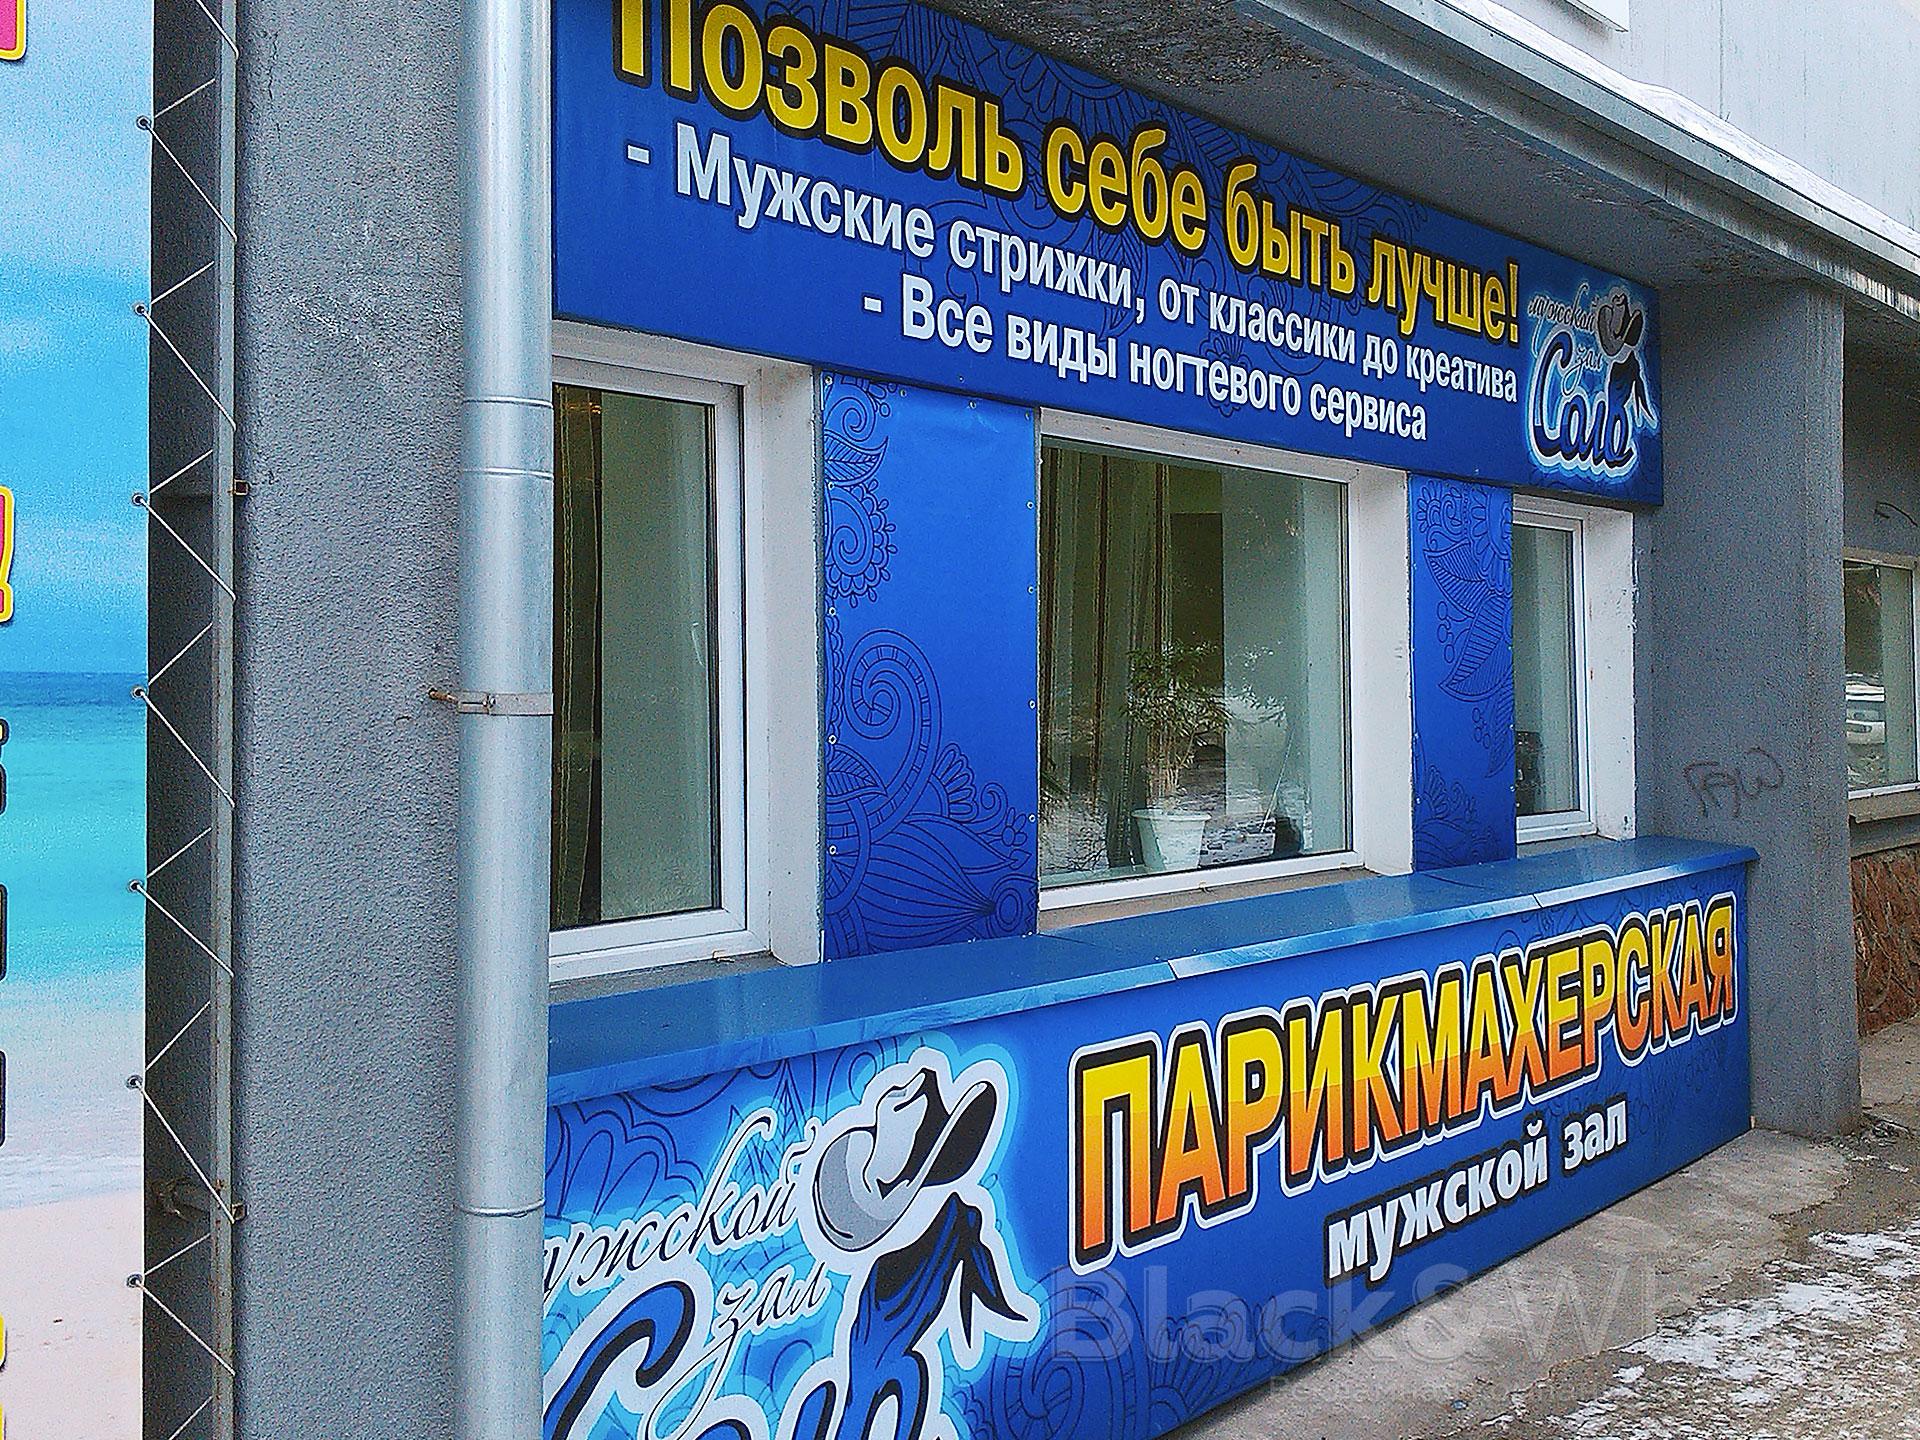 Печать-на-баннередля-парикмахерской-в-Красноярске.jpg